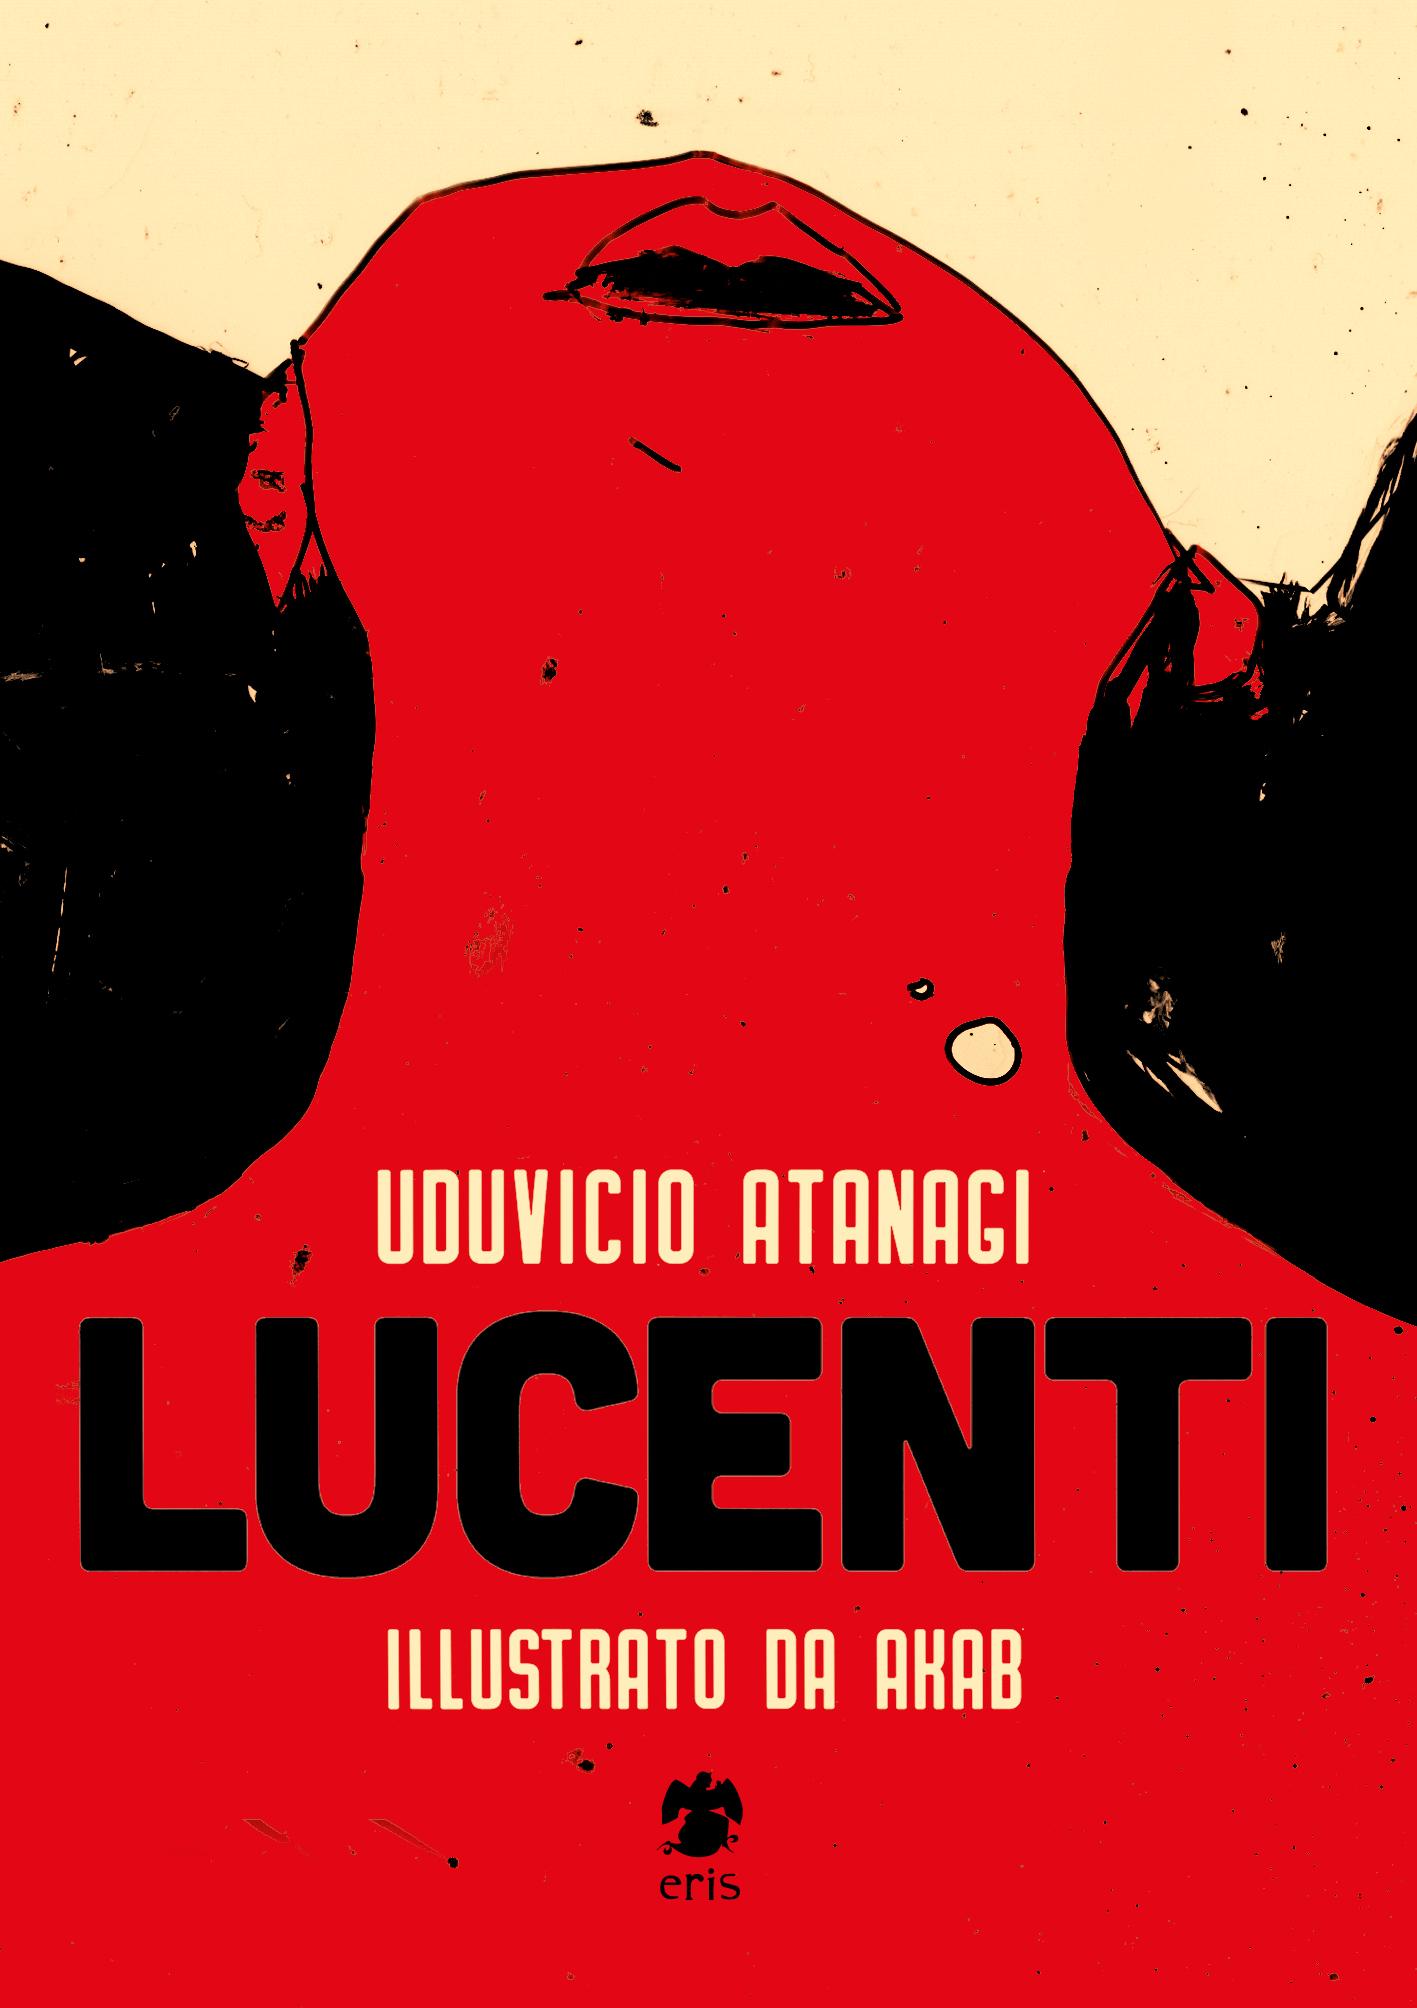 Lucenti, Uduvicio Atanagi (Eris Edizioni, 2018) 2 - fanzine